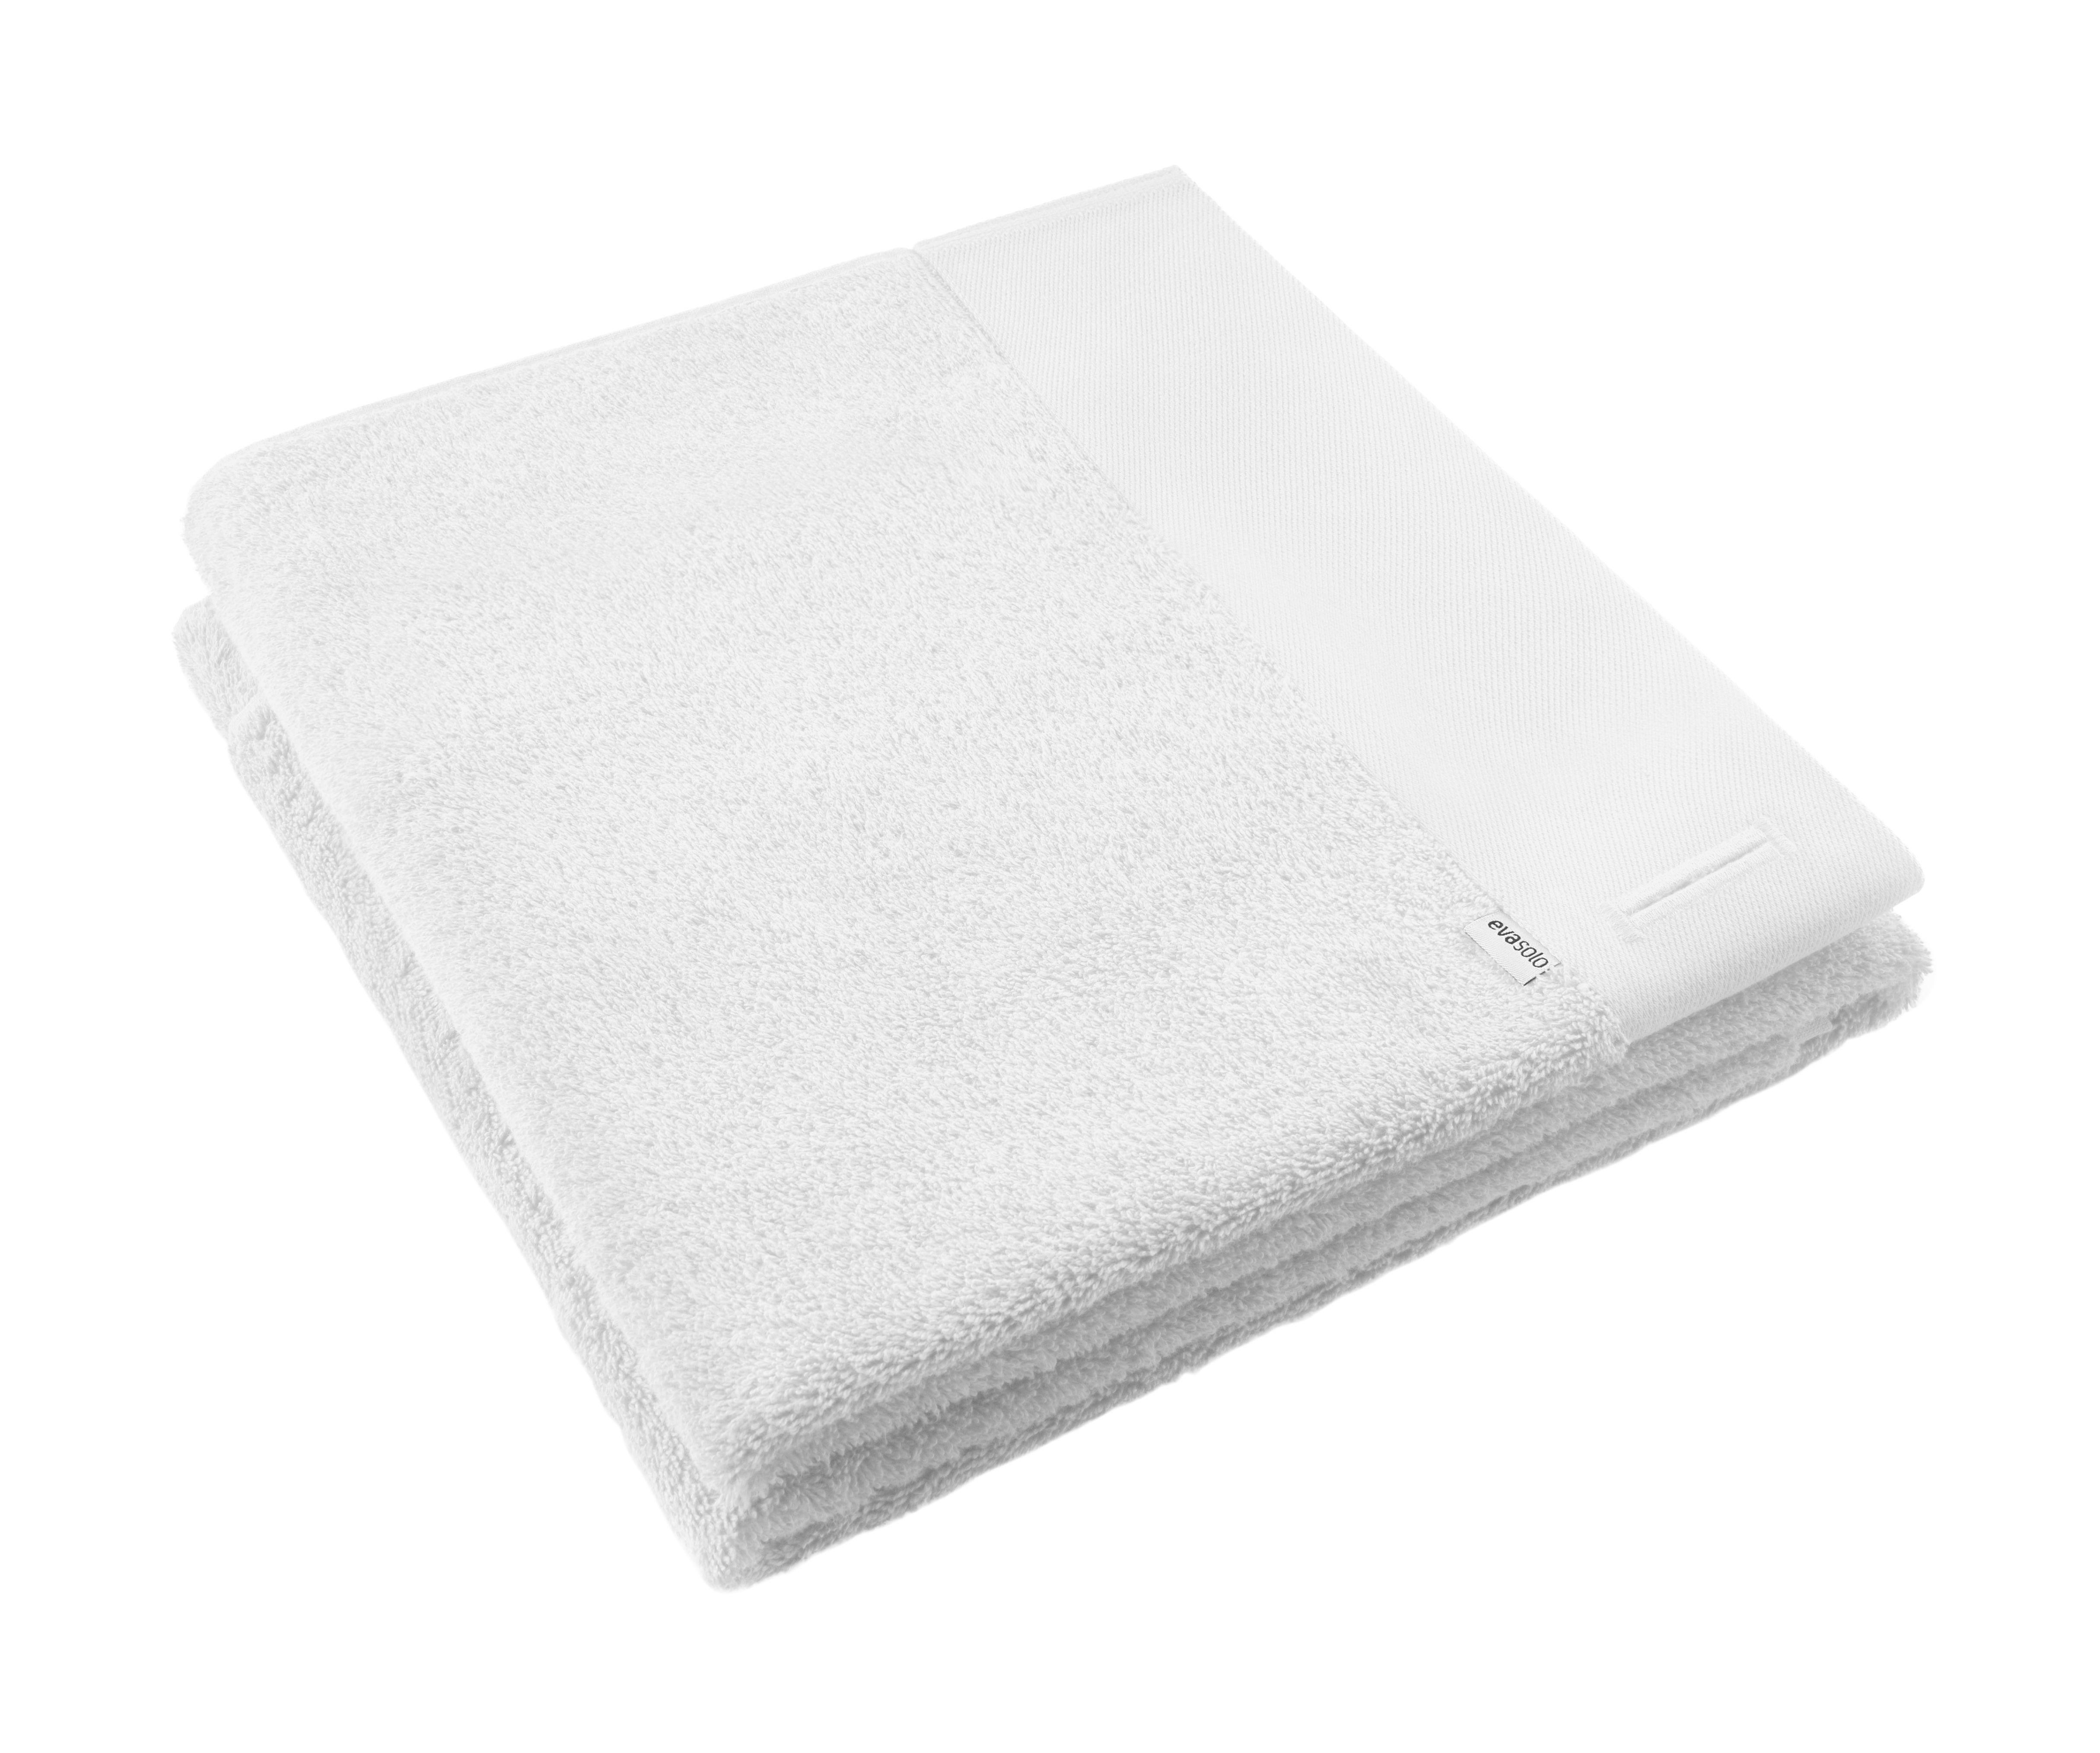 Déco - Textile - Drap de bain / 70 x 140 cm - Eva Solo - Blanc - Coton